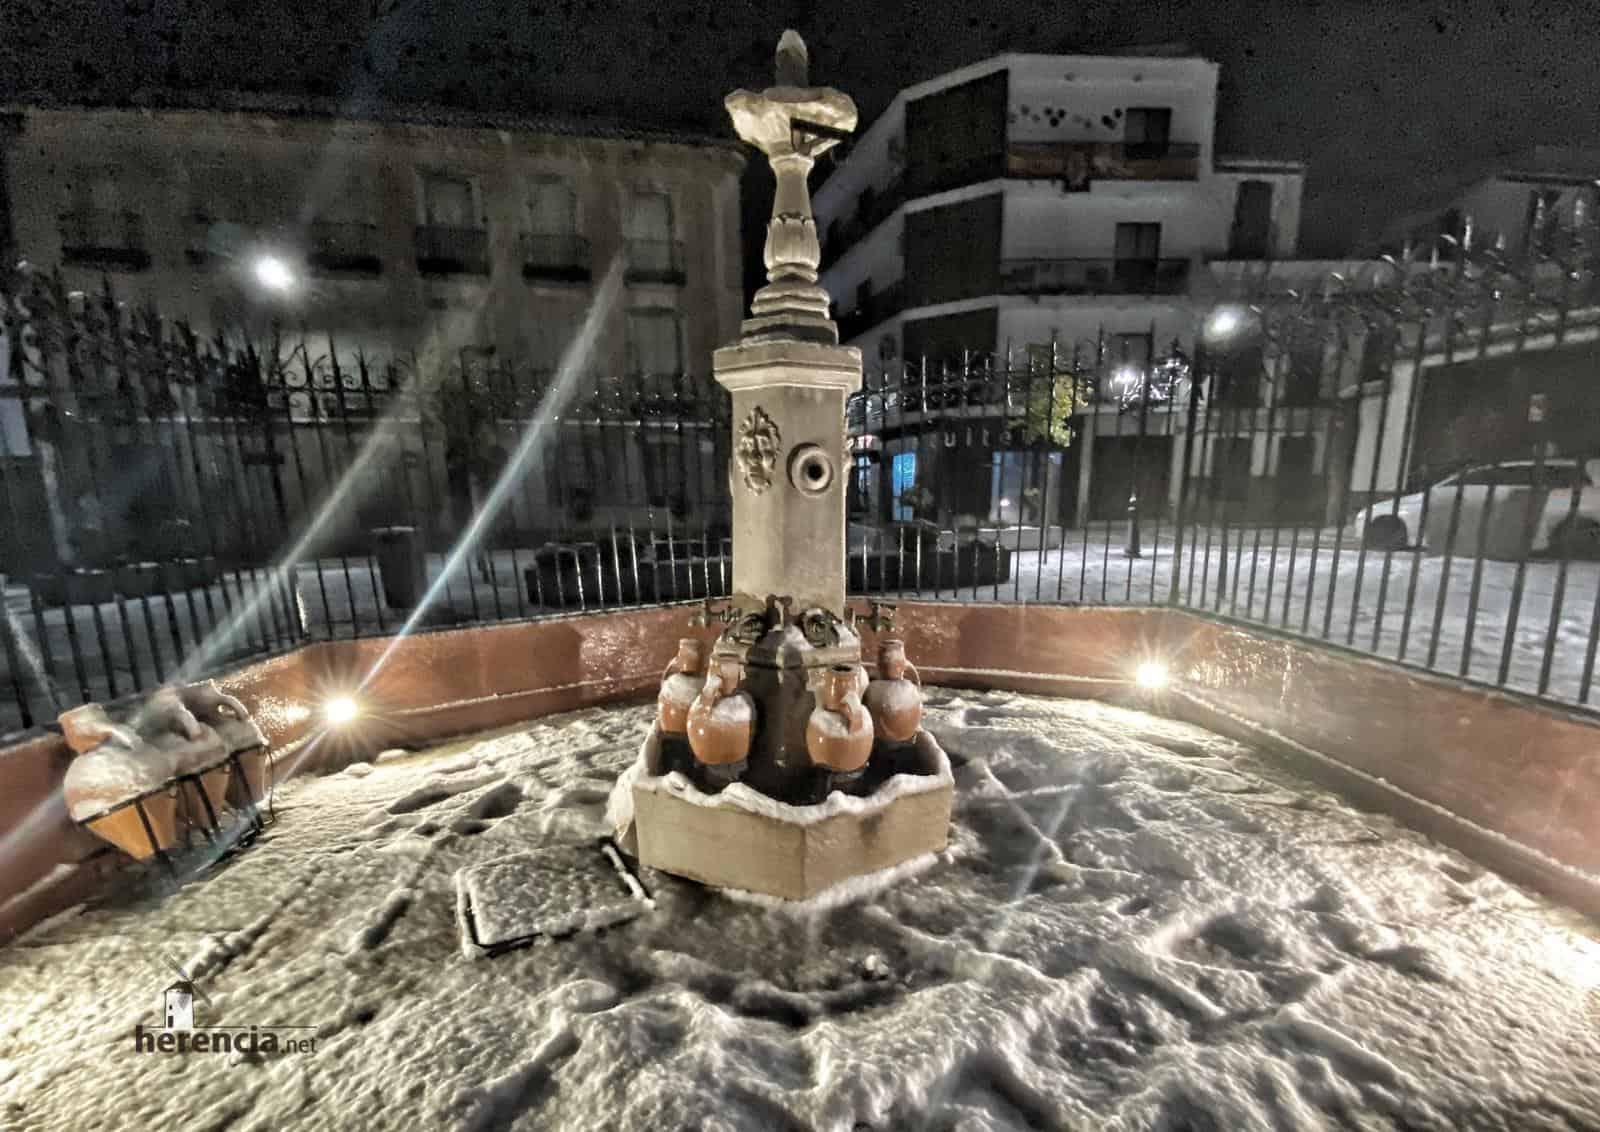 Fotografías de la nevada en Herencia (Ciudad Real) 49